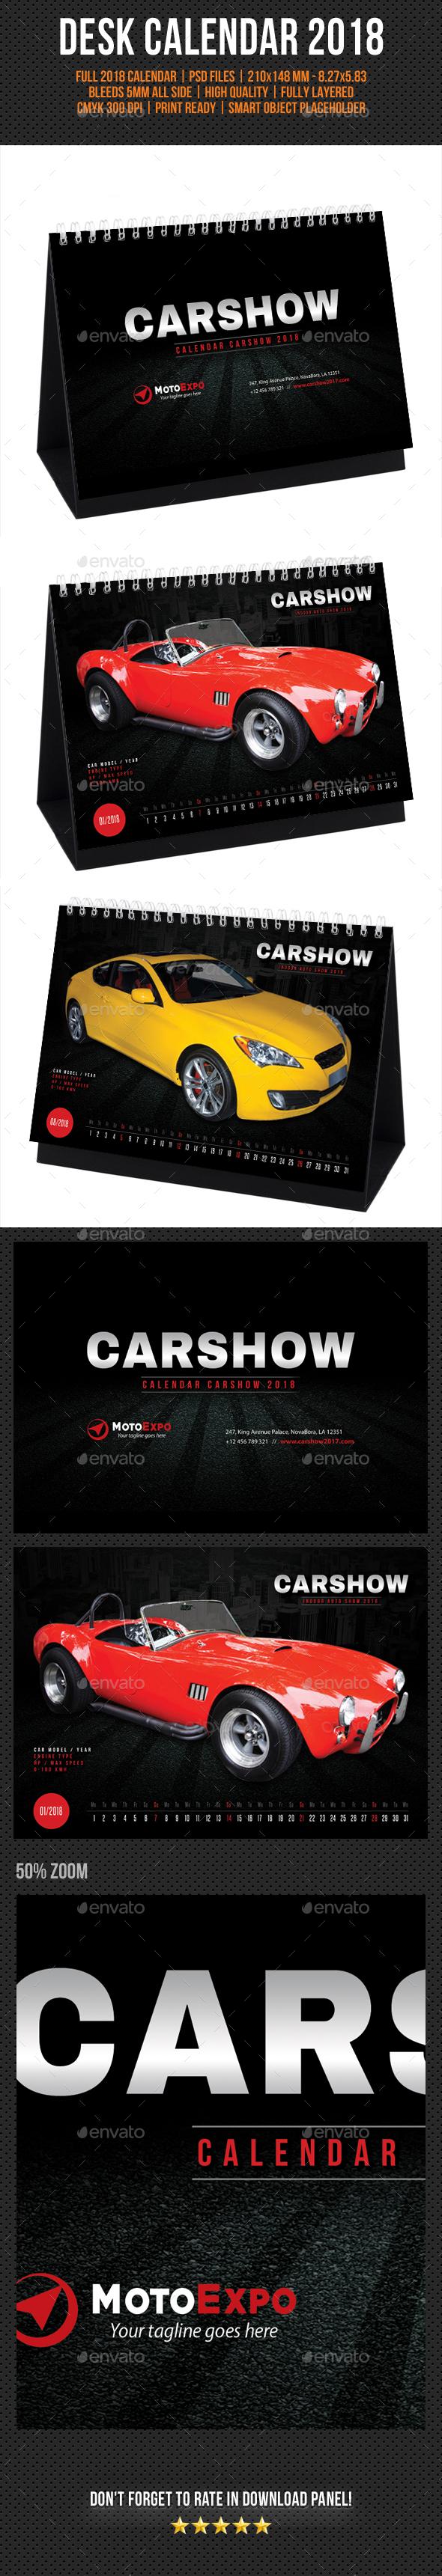 Auto Show Desk Calendar 2018 - Calendars Stationery